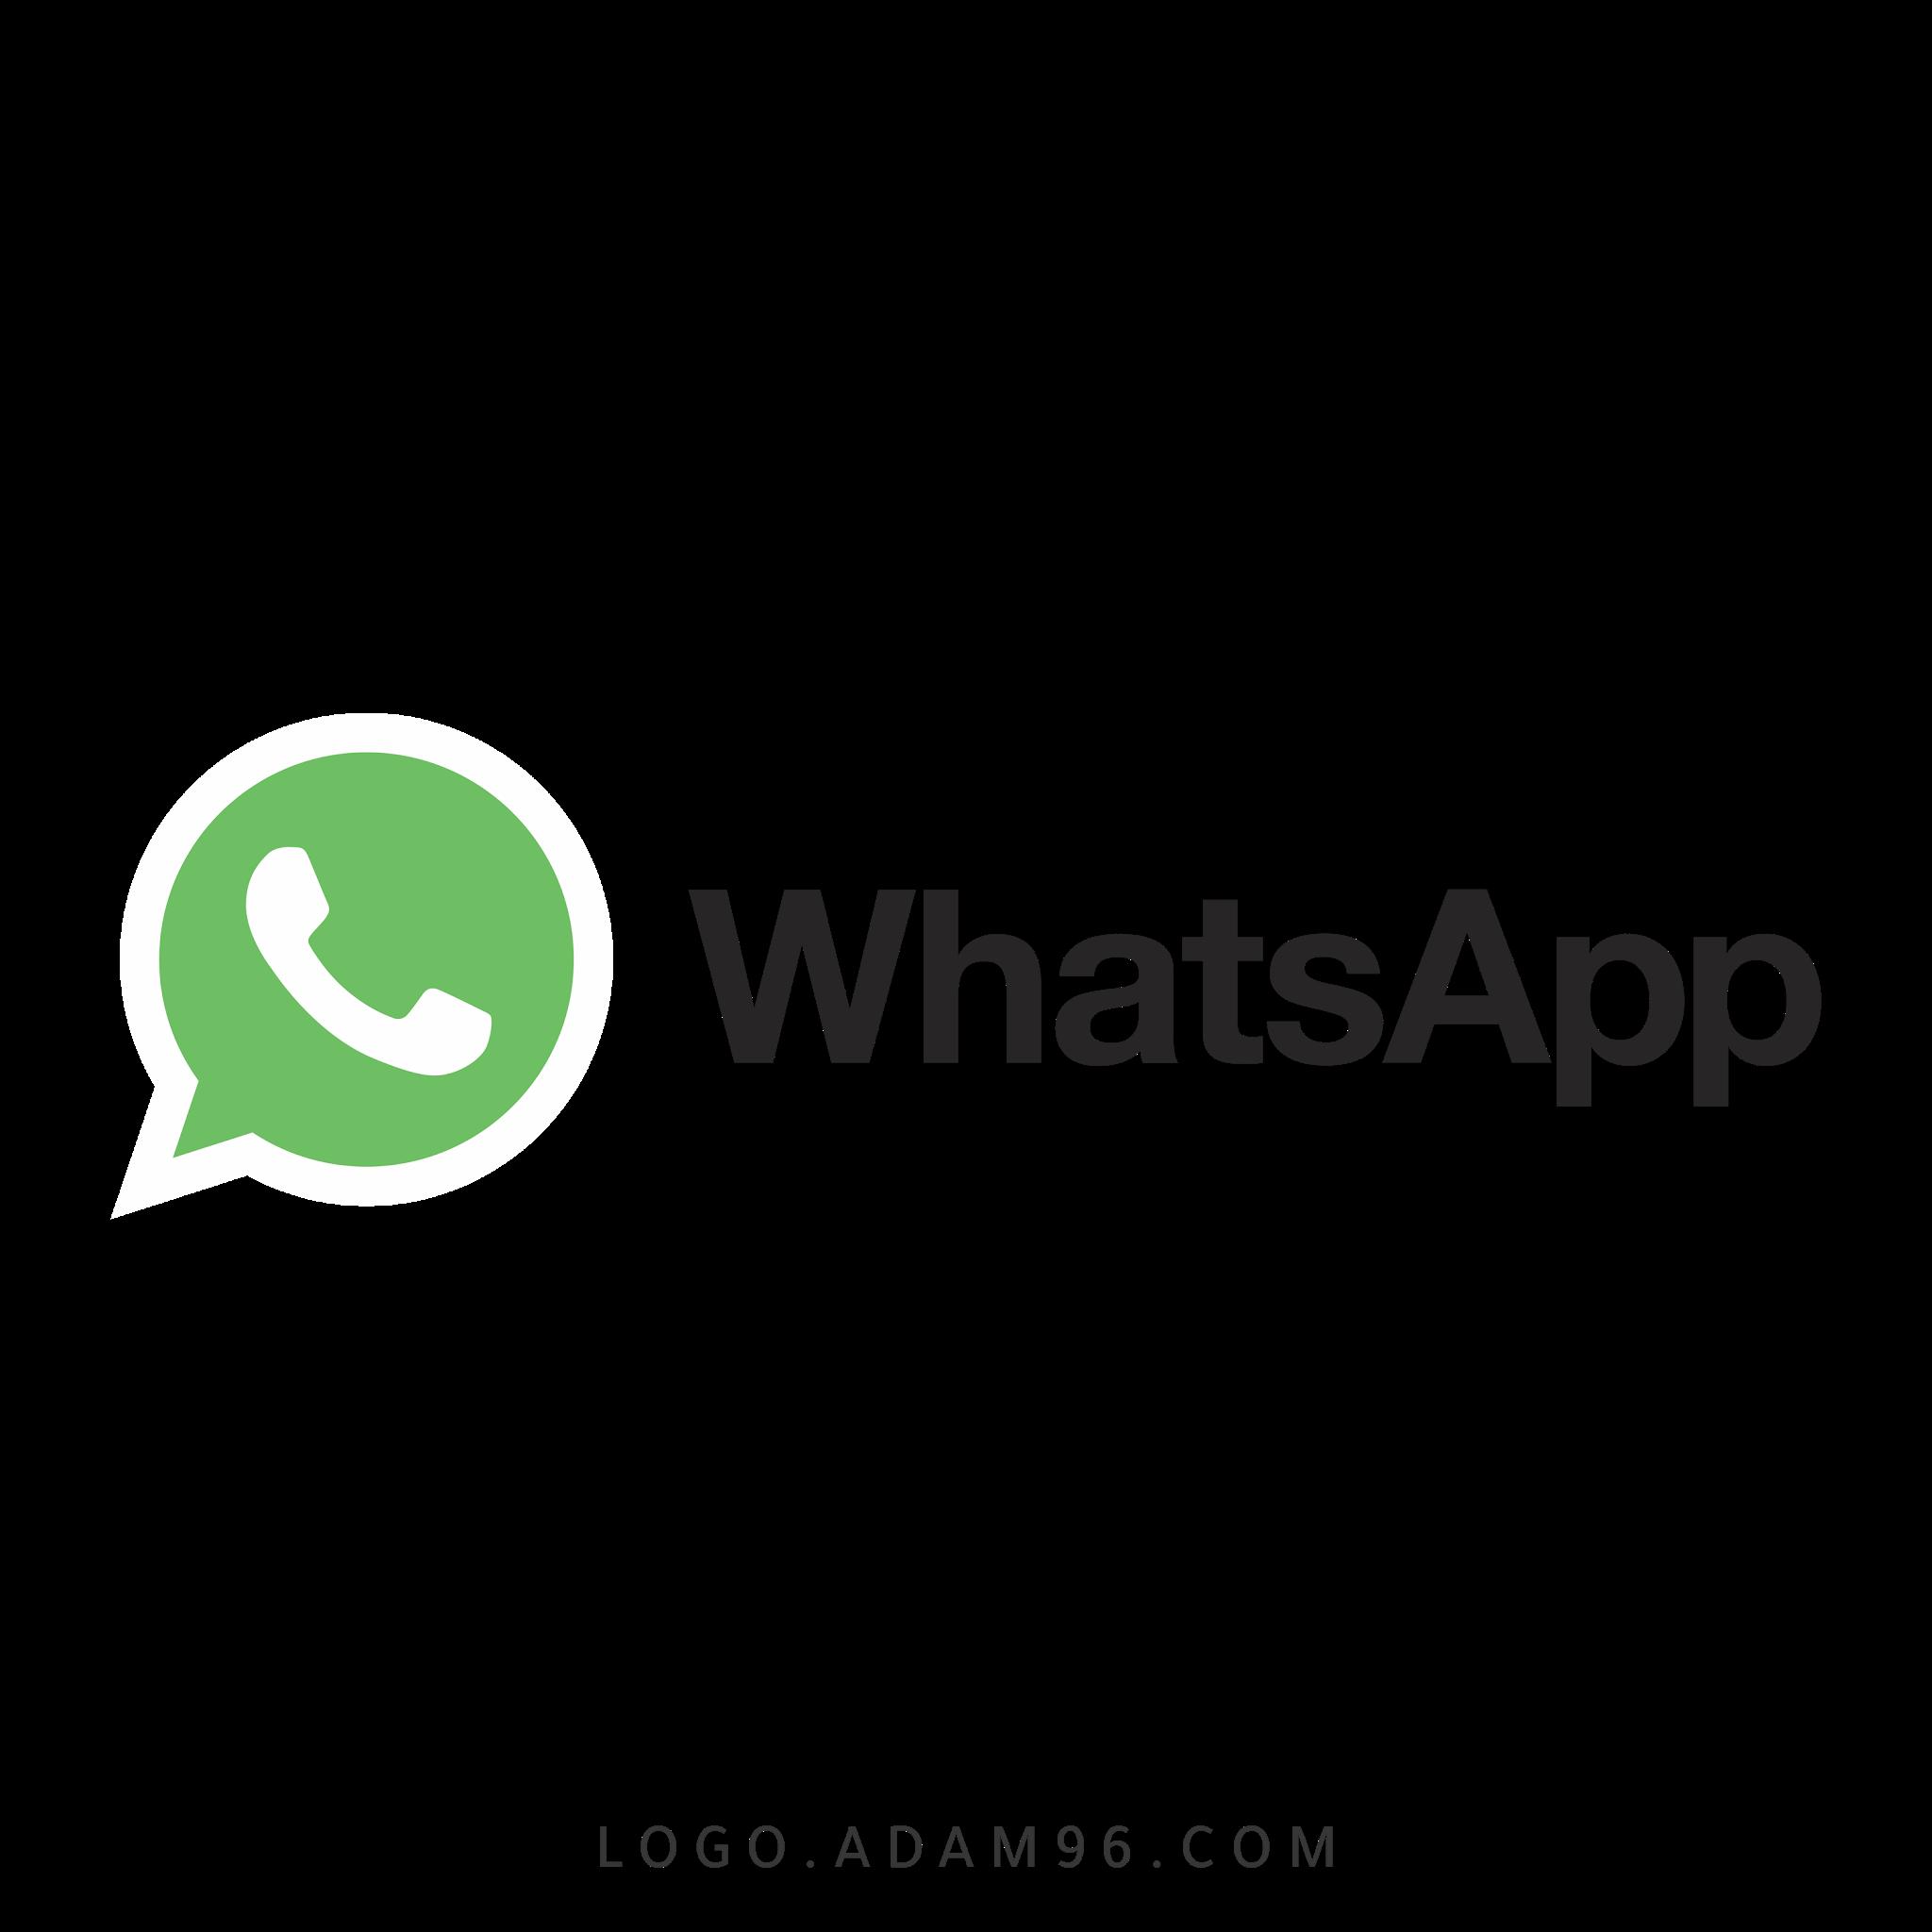 تحميل لوجو واتساب الرسمي بصيغة شفافة Logo WhatsApp PNG